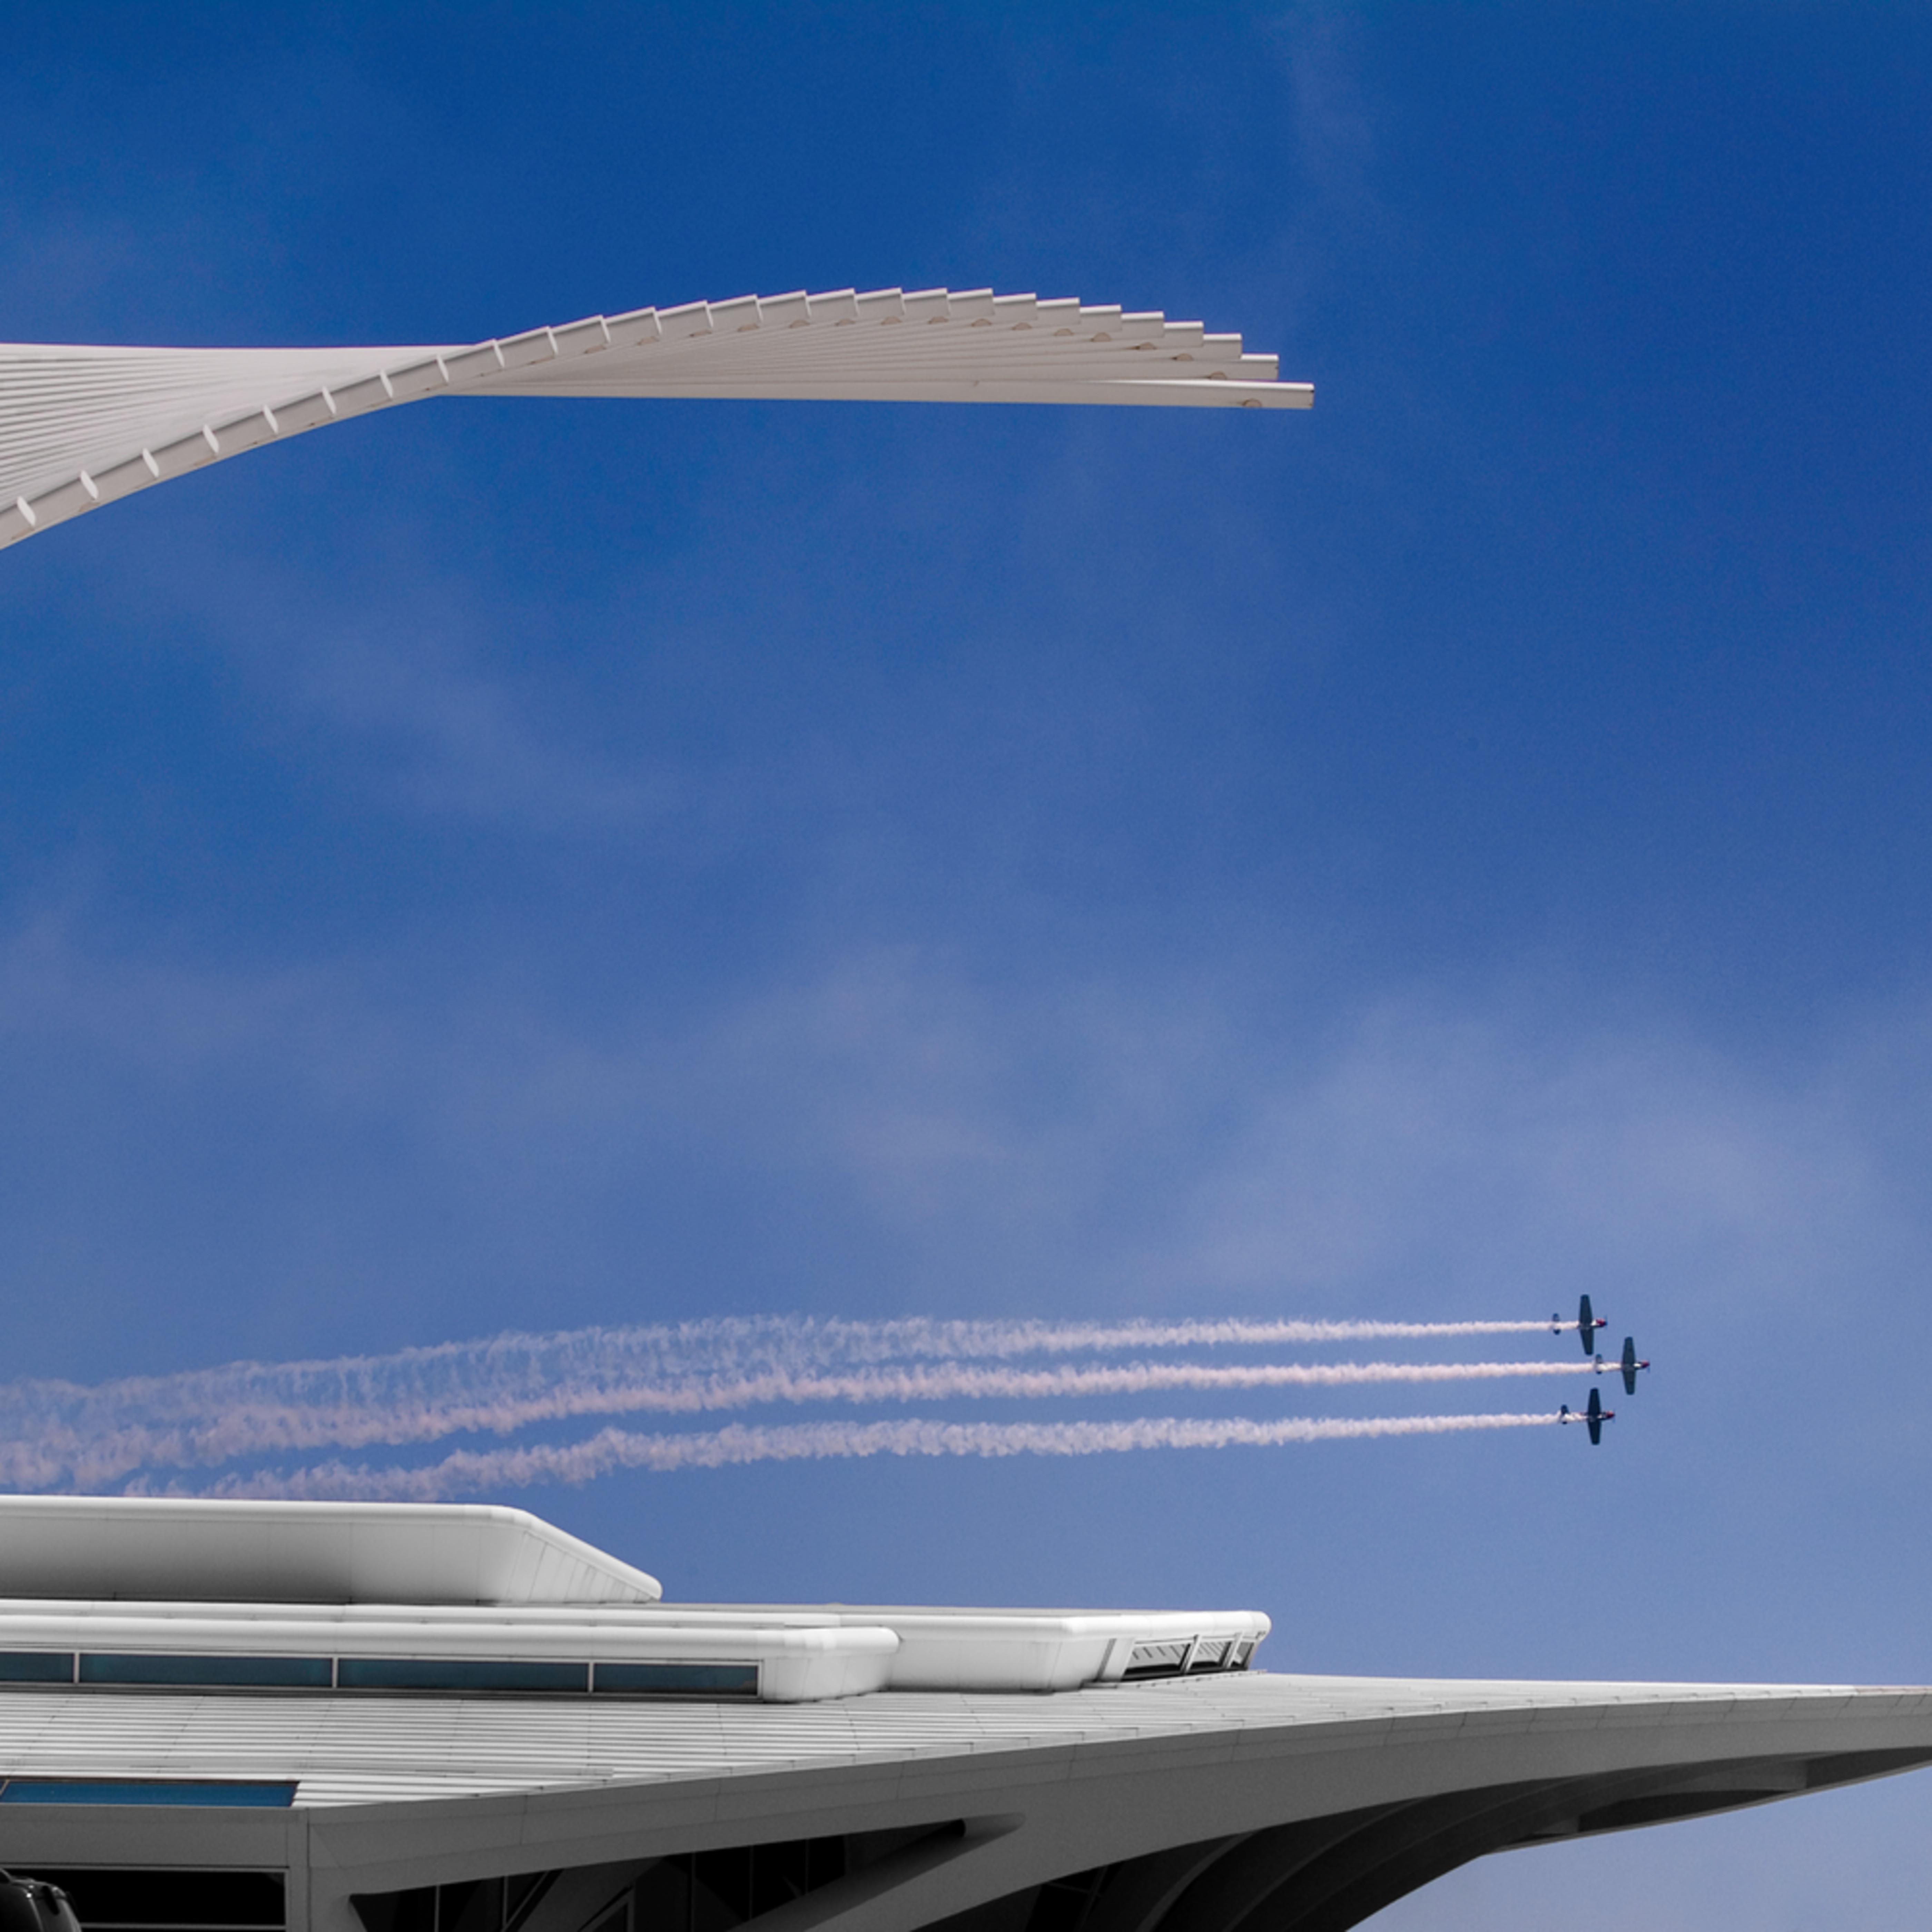 Calatravaflyby mas2019 pmmvg2